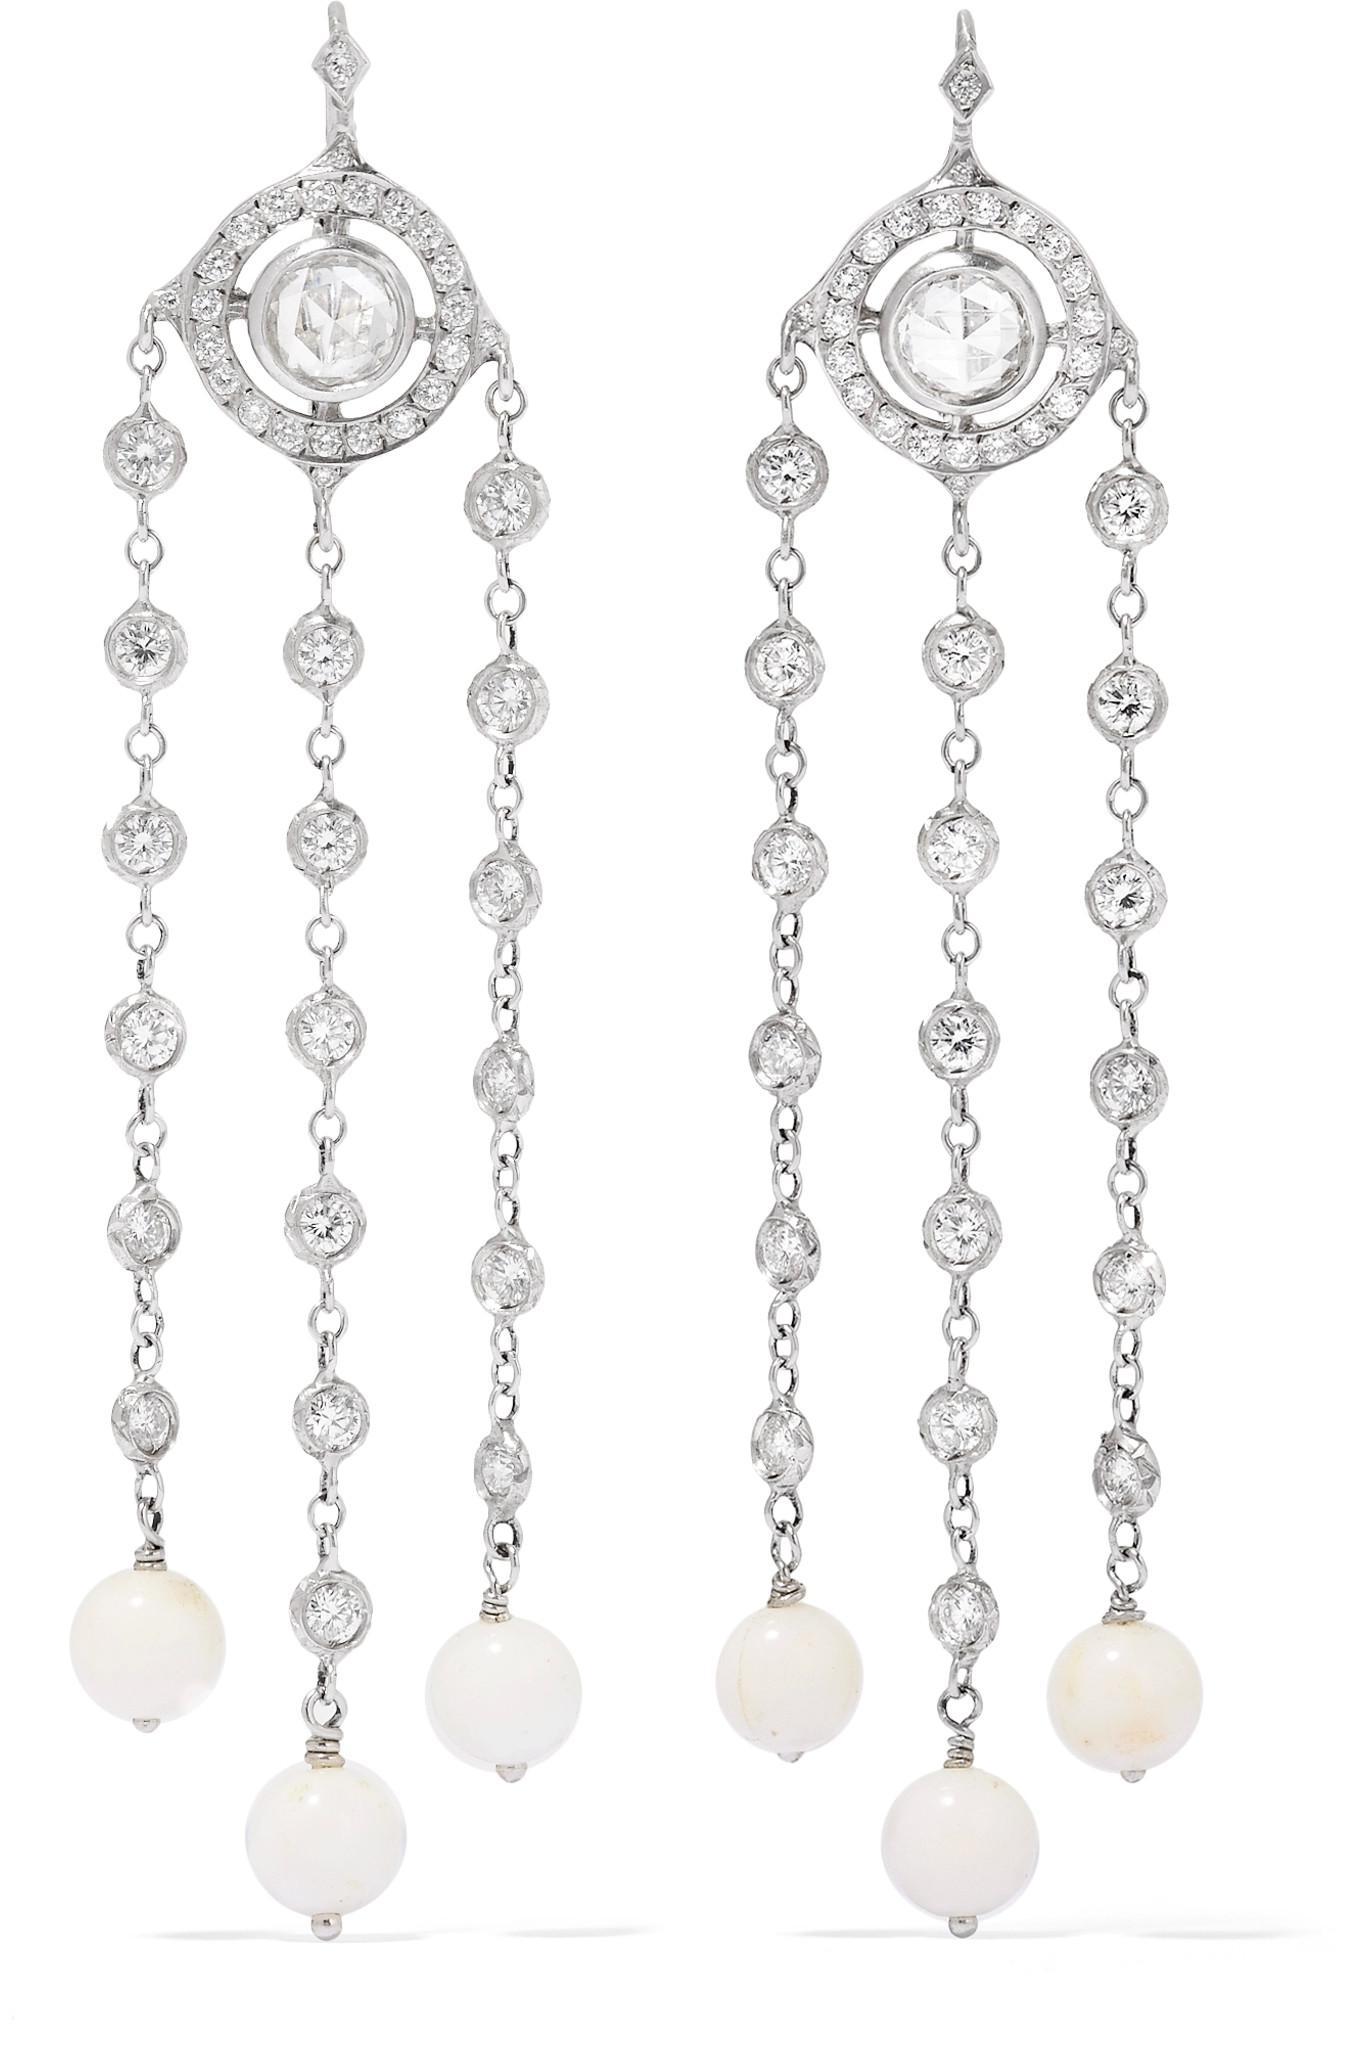 Loree Rodkin 18-karat White Gold Multi-stone Earrings gxgi7q0FwK